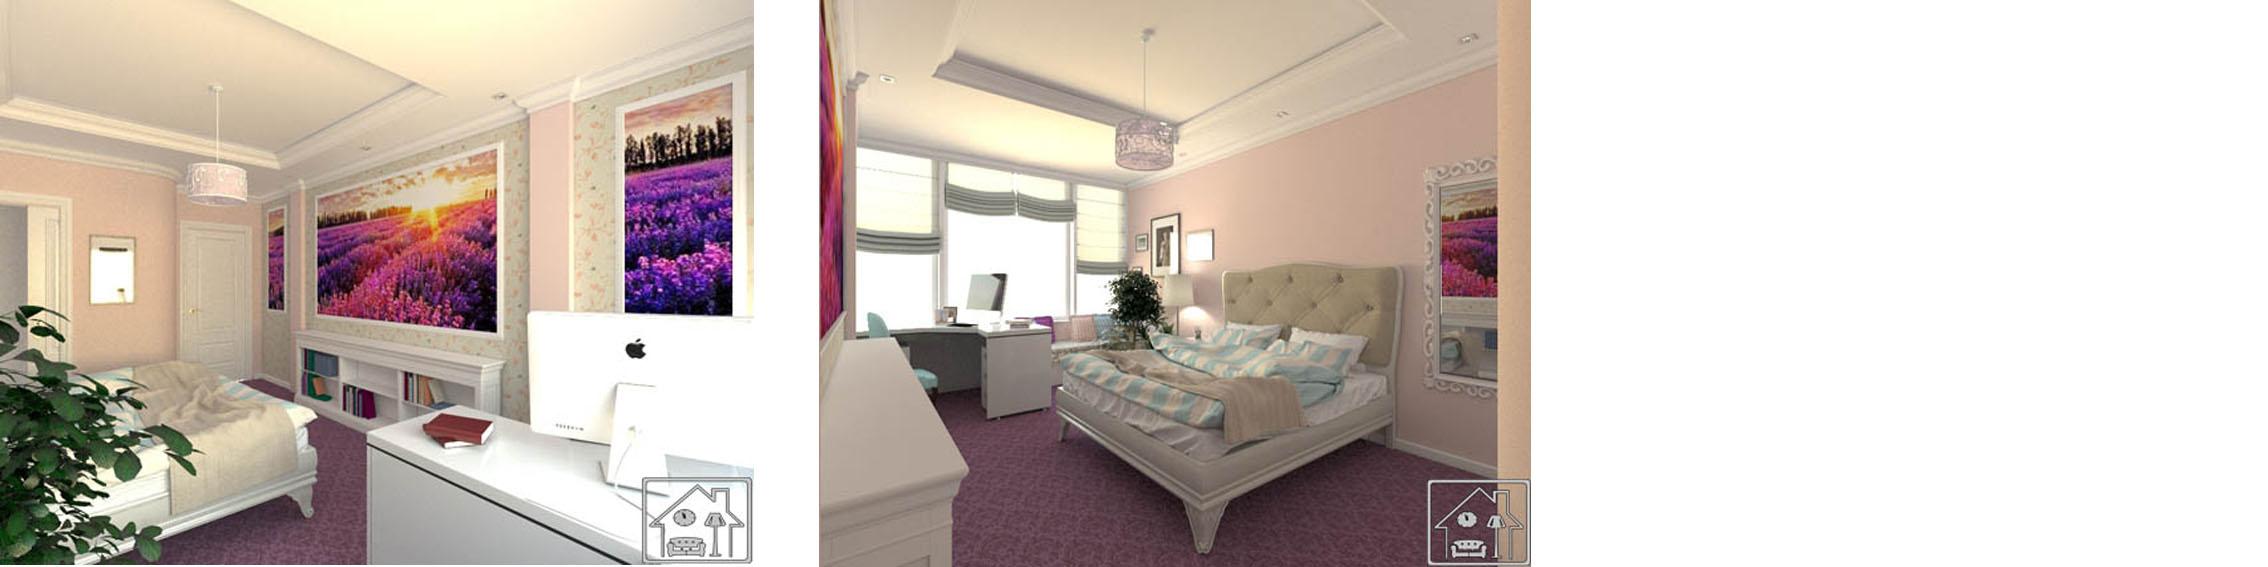 Комната девушки_в современном классическом стиле 6